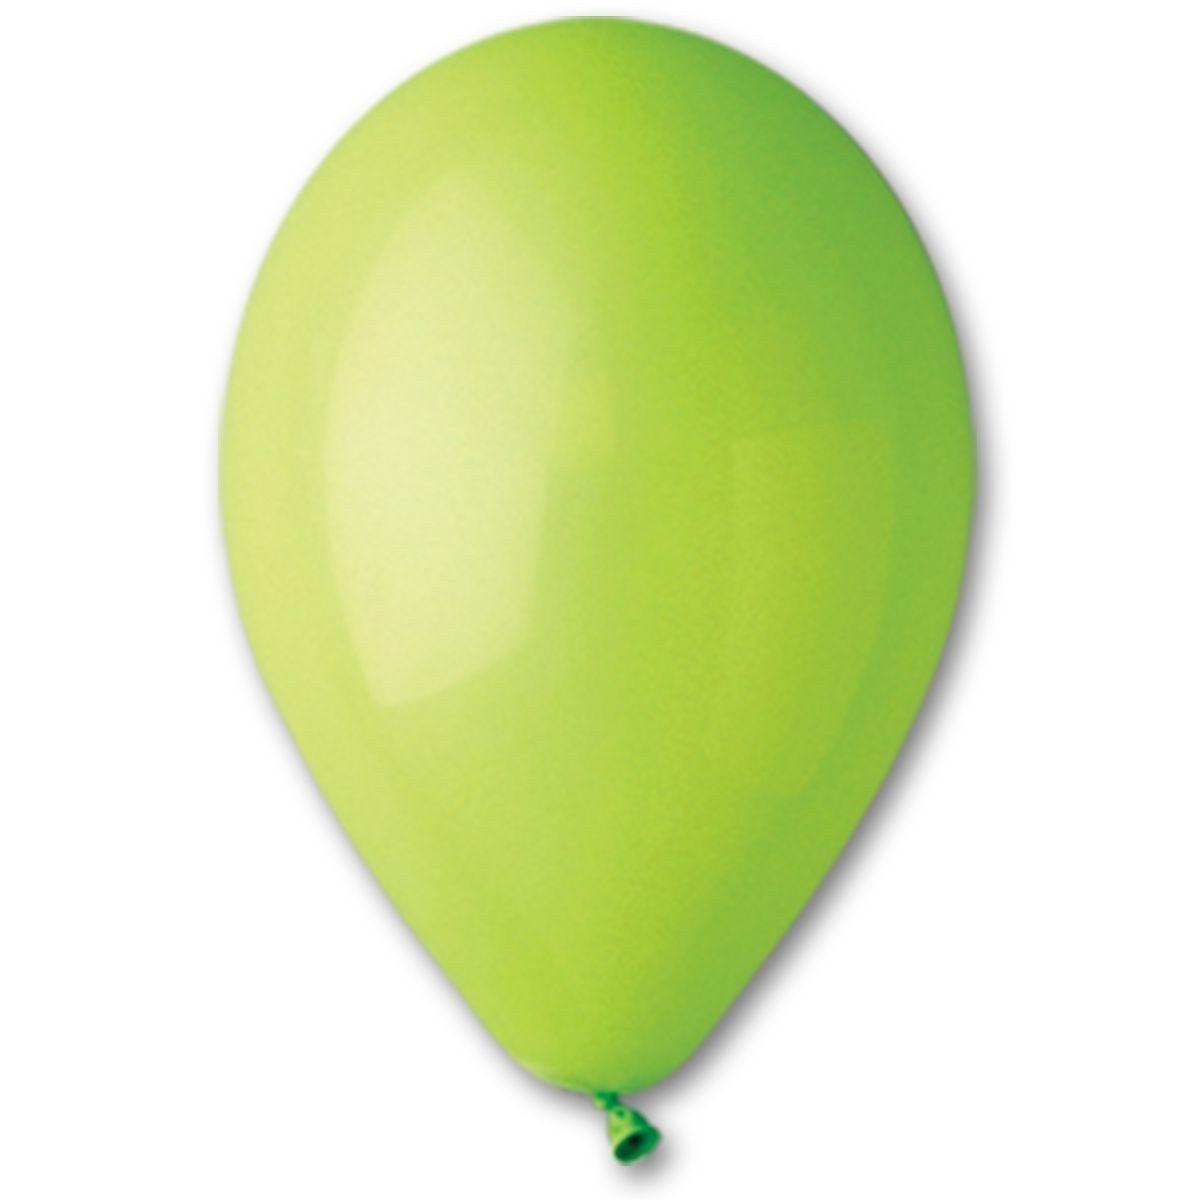 """Латексные шары круглые без рисунка 5"""" 13см Пастель светло-зеленый """"GEMAR"""" Италия"""